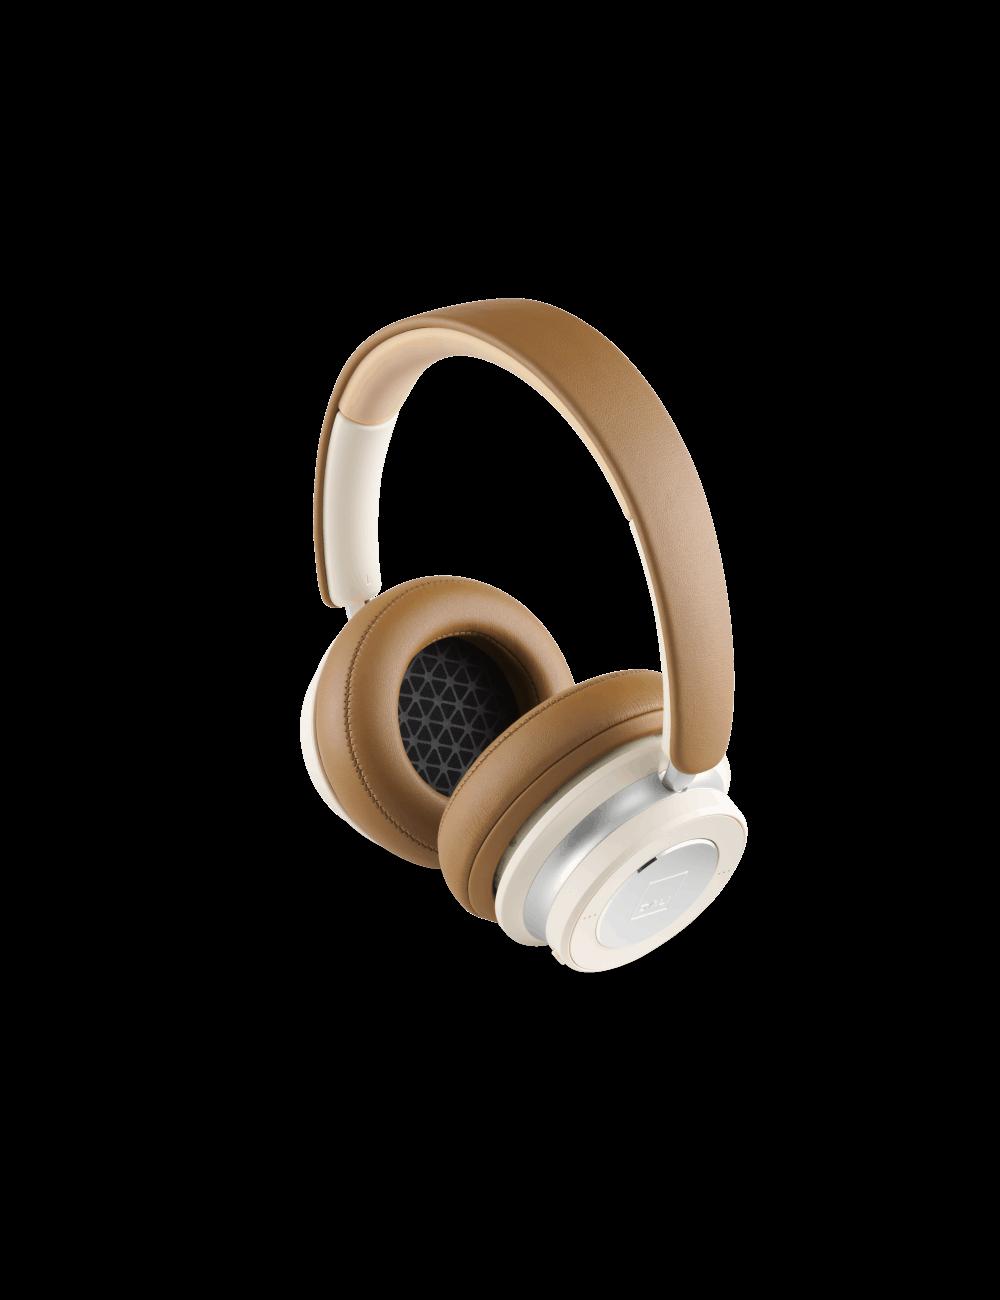 Cuffie over-ear HiFi Bluetooth super confortevoli e con cancellazione del rumore (ANC), DALI IO-6, finitura caramel white